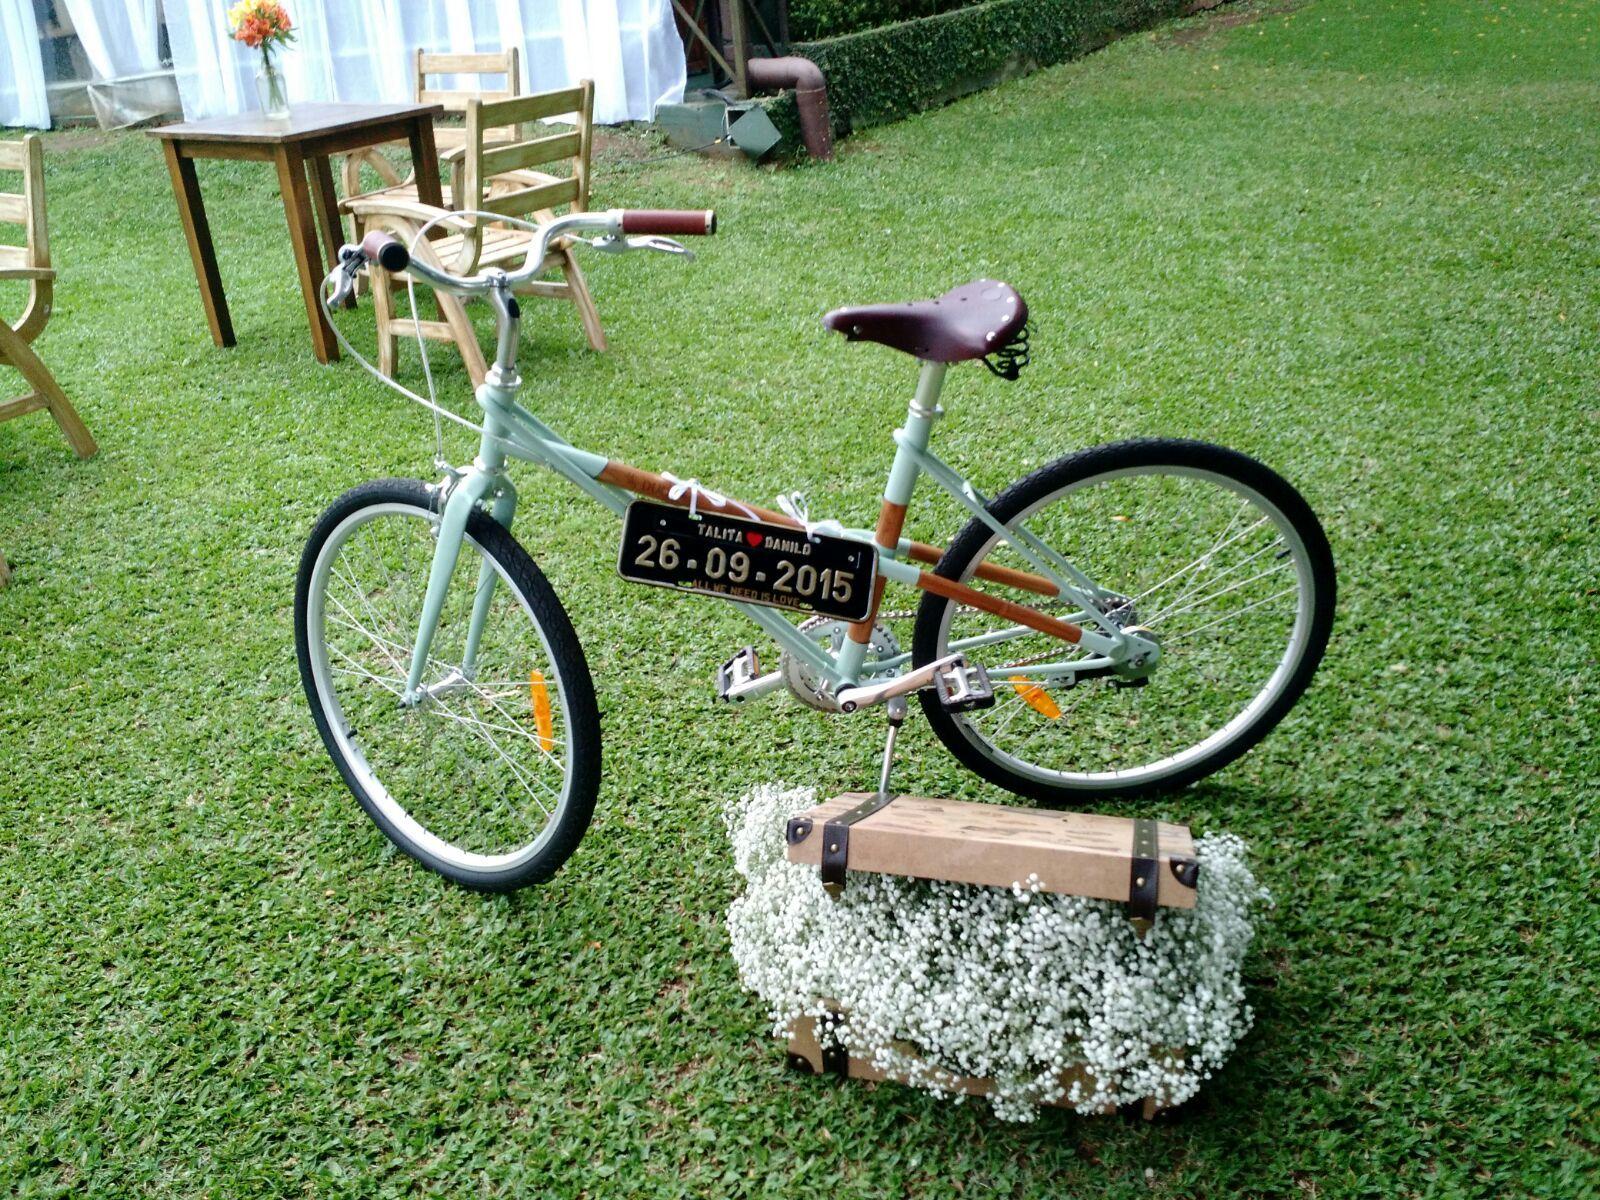 Bicicleta de Bambu, decoração maravilhosa